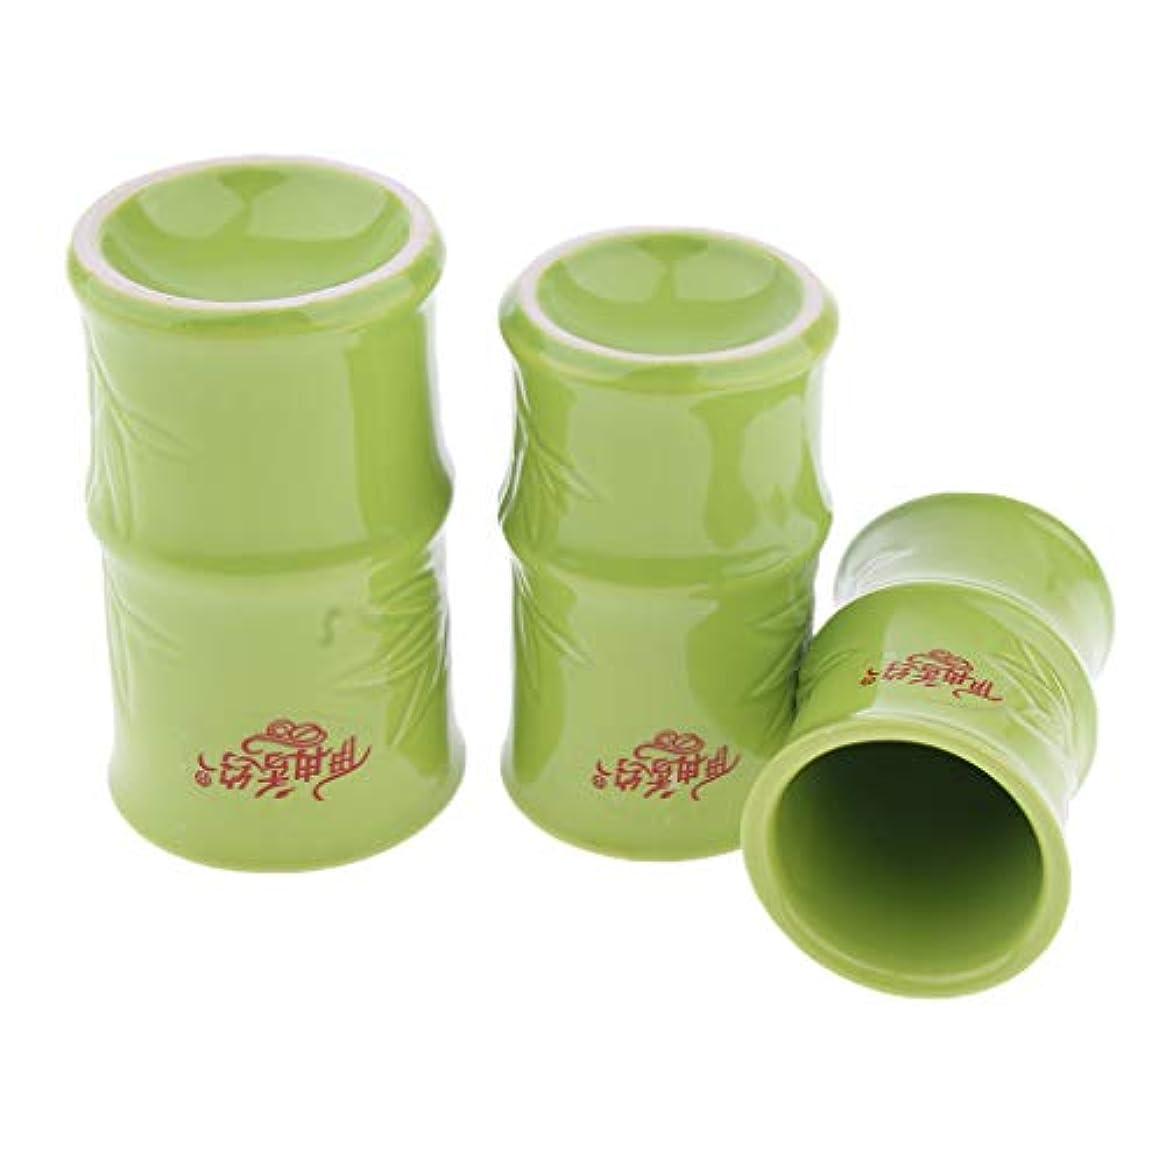 からに変化する先史時代の意図するPerfeclan 中国 伝統的 健康法 吸玉 手軽 カッピングカップ 3個セット セラミック製 ボディ マッサージ